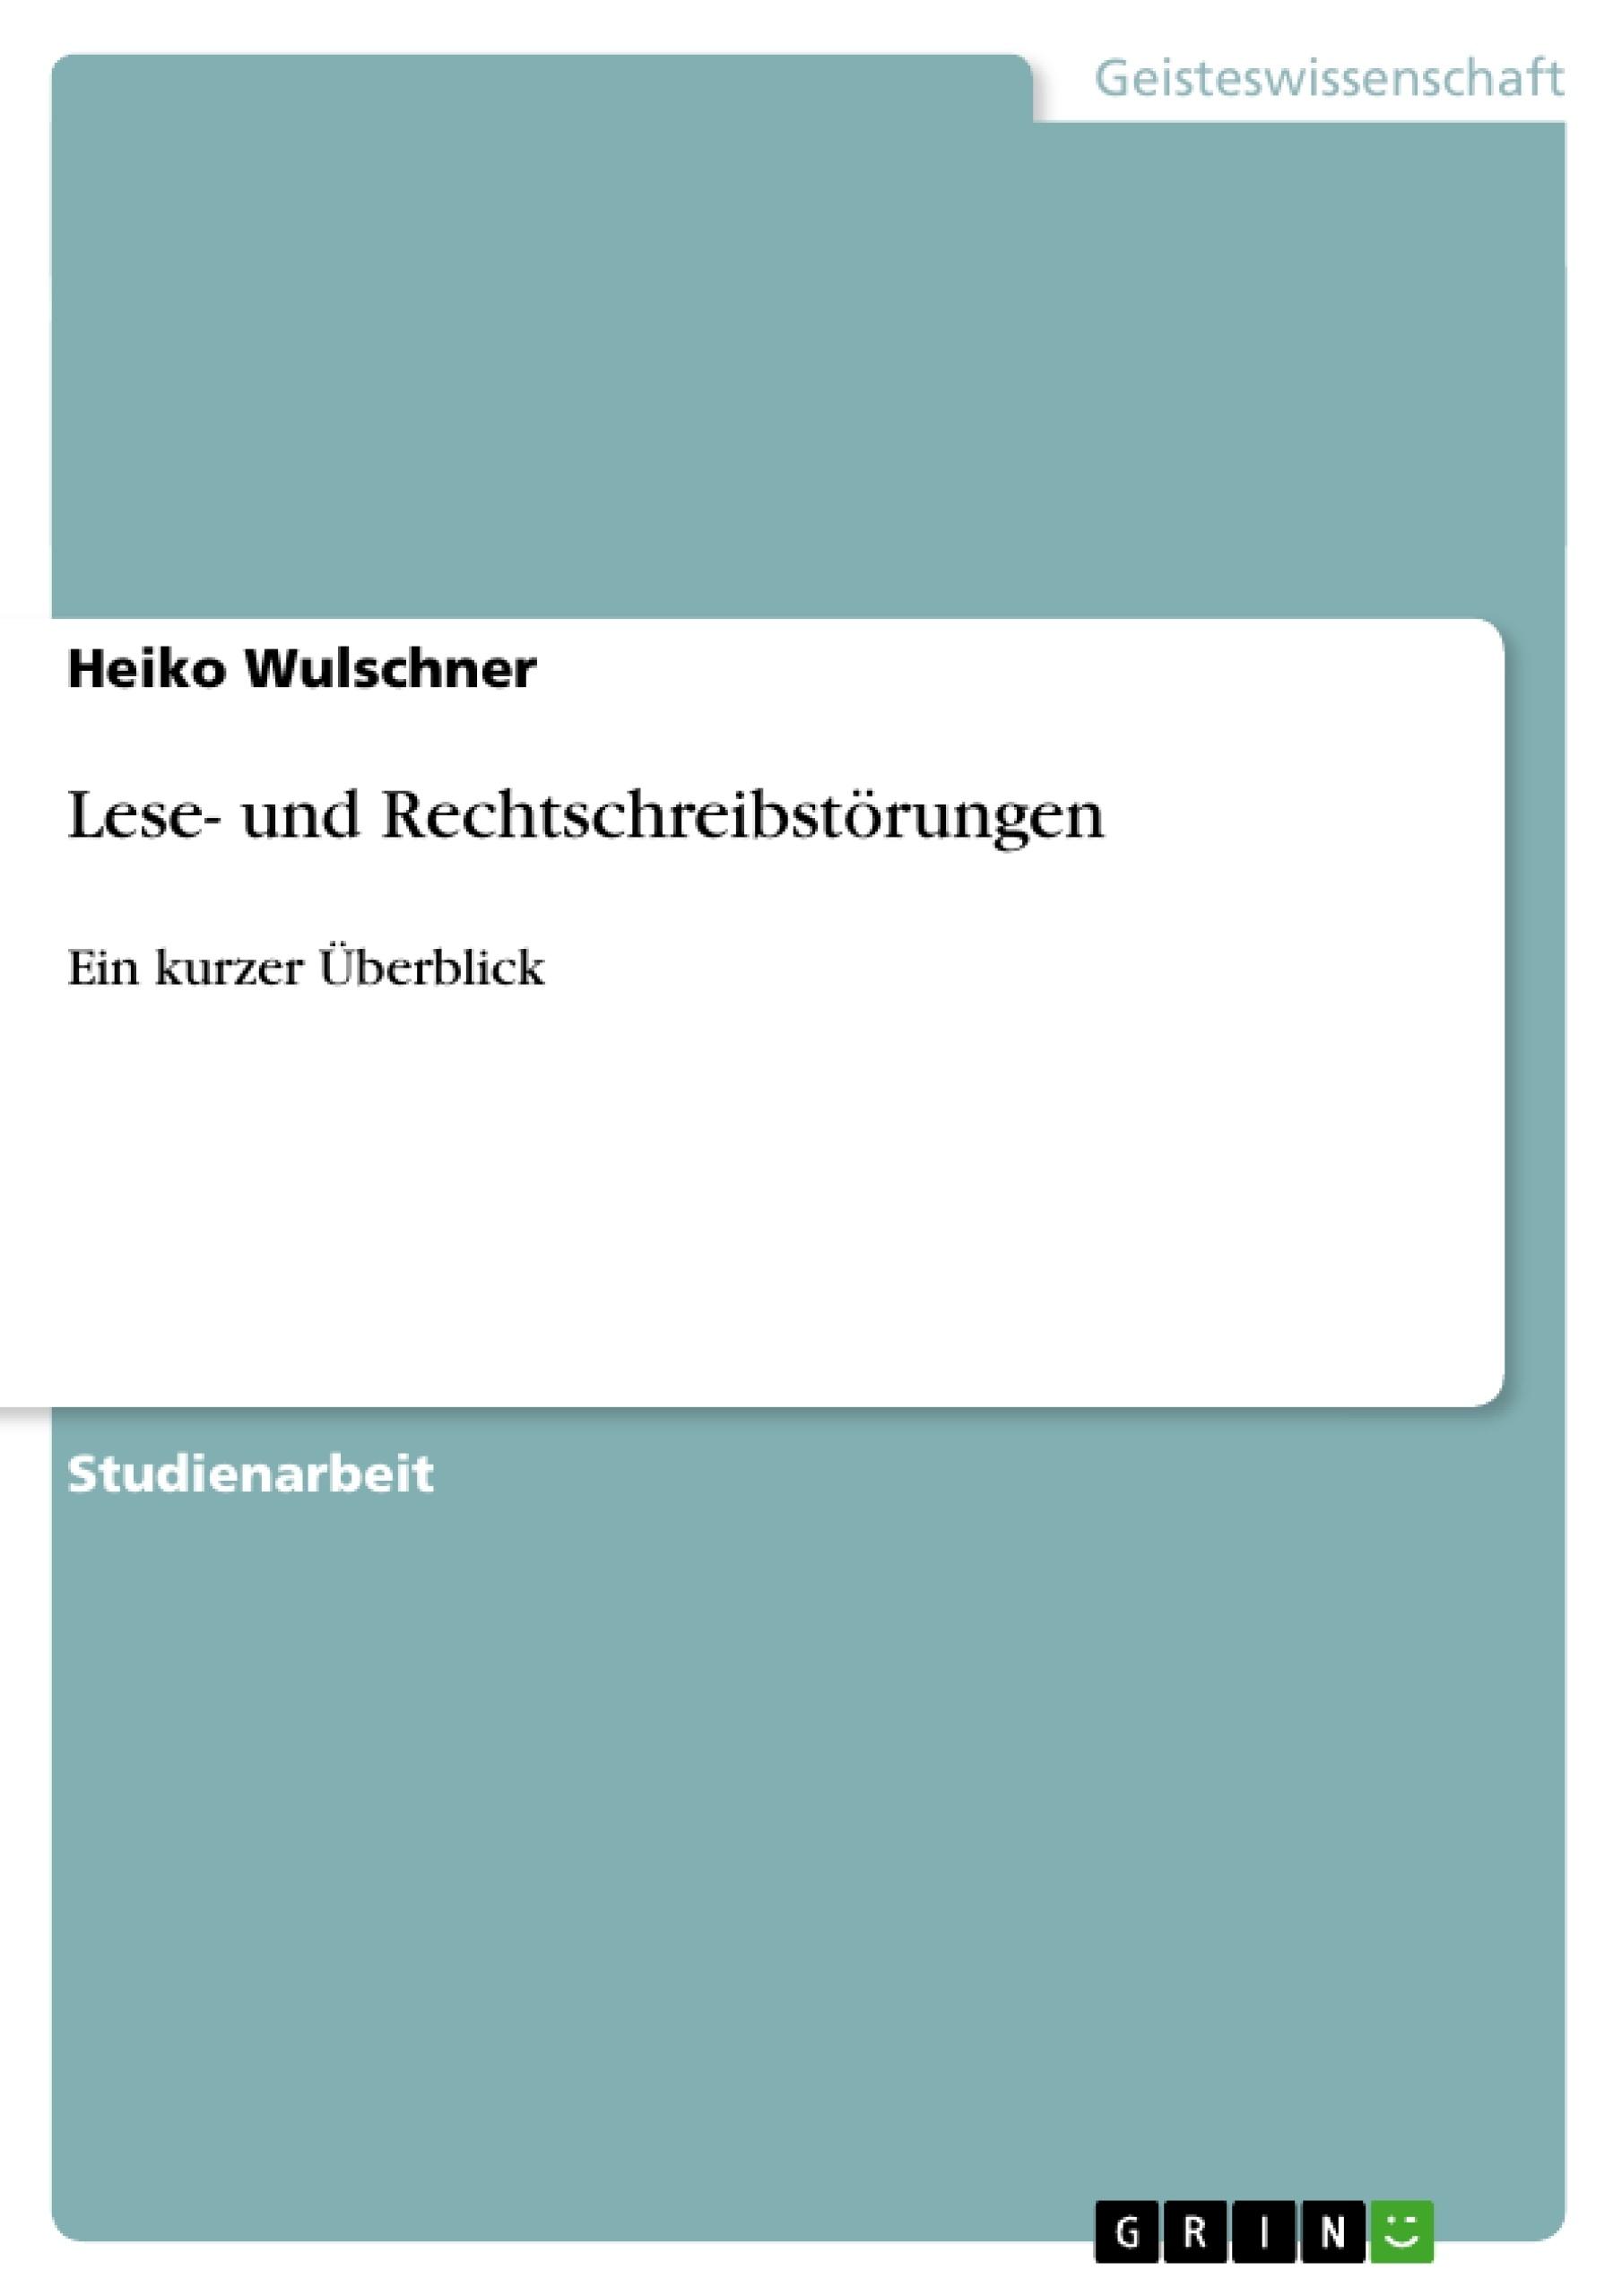 Titel: Lese- und Rechtschreibstörungen